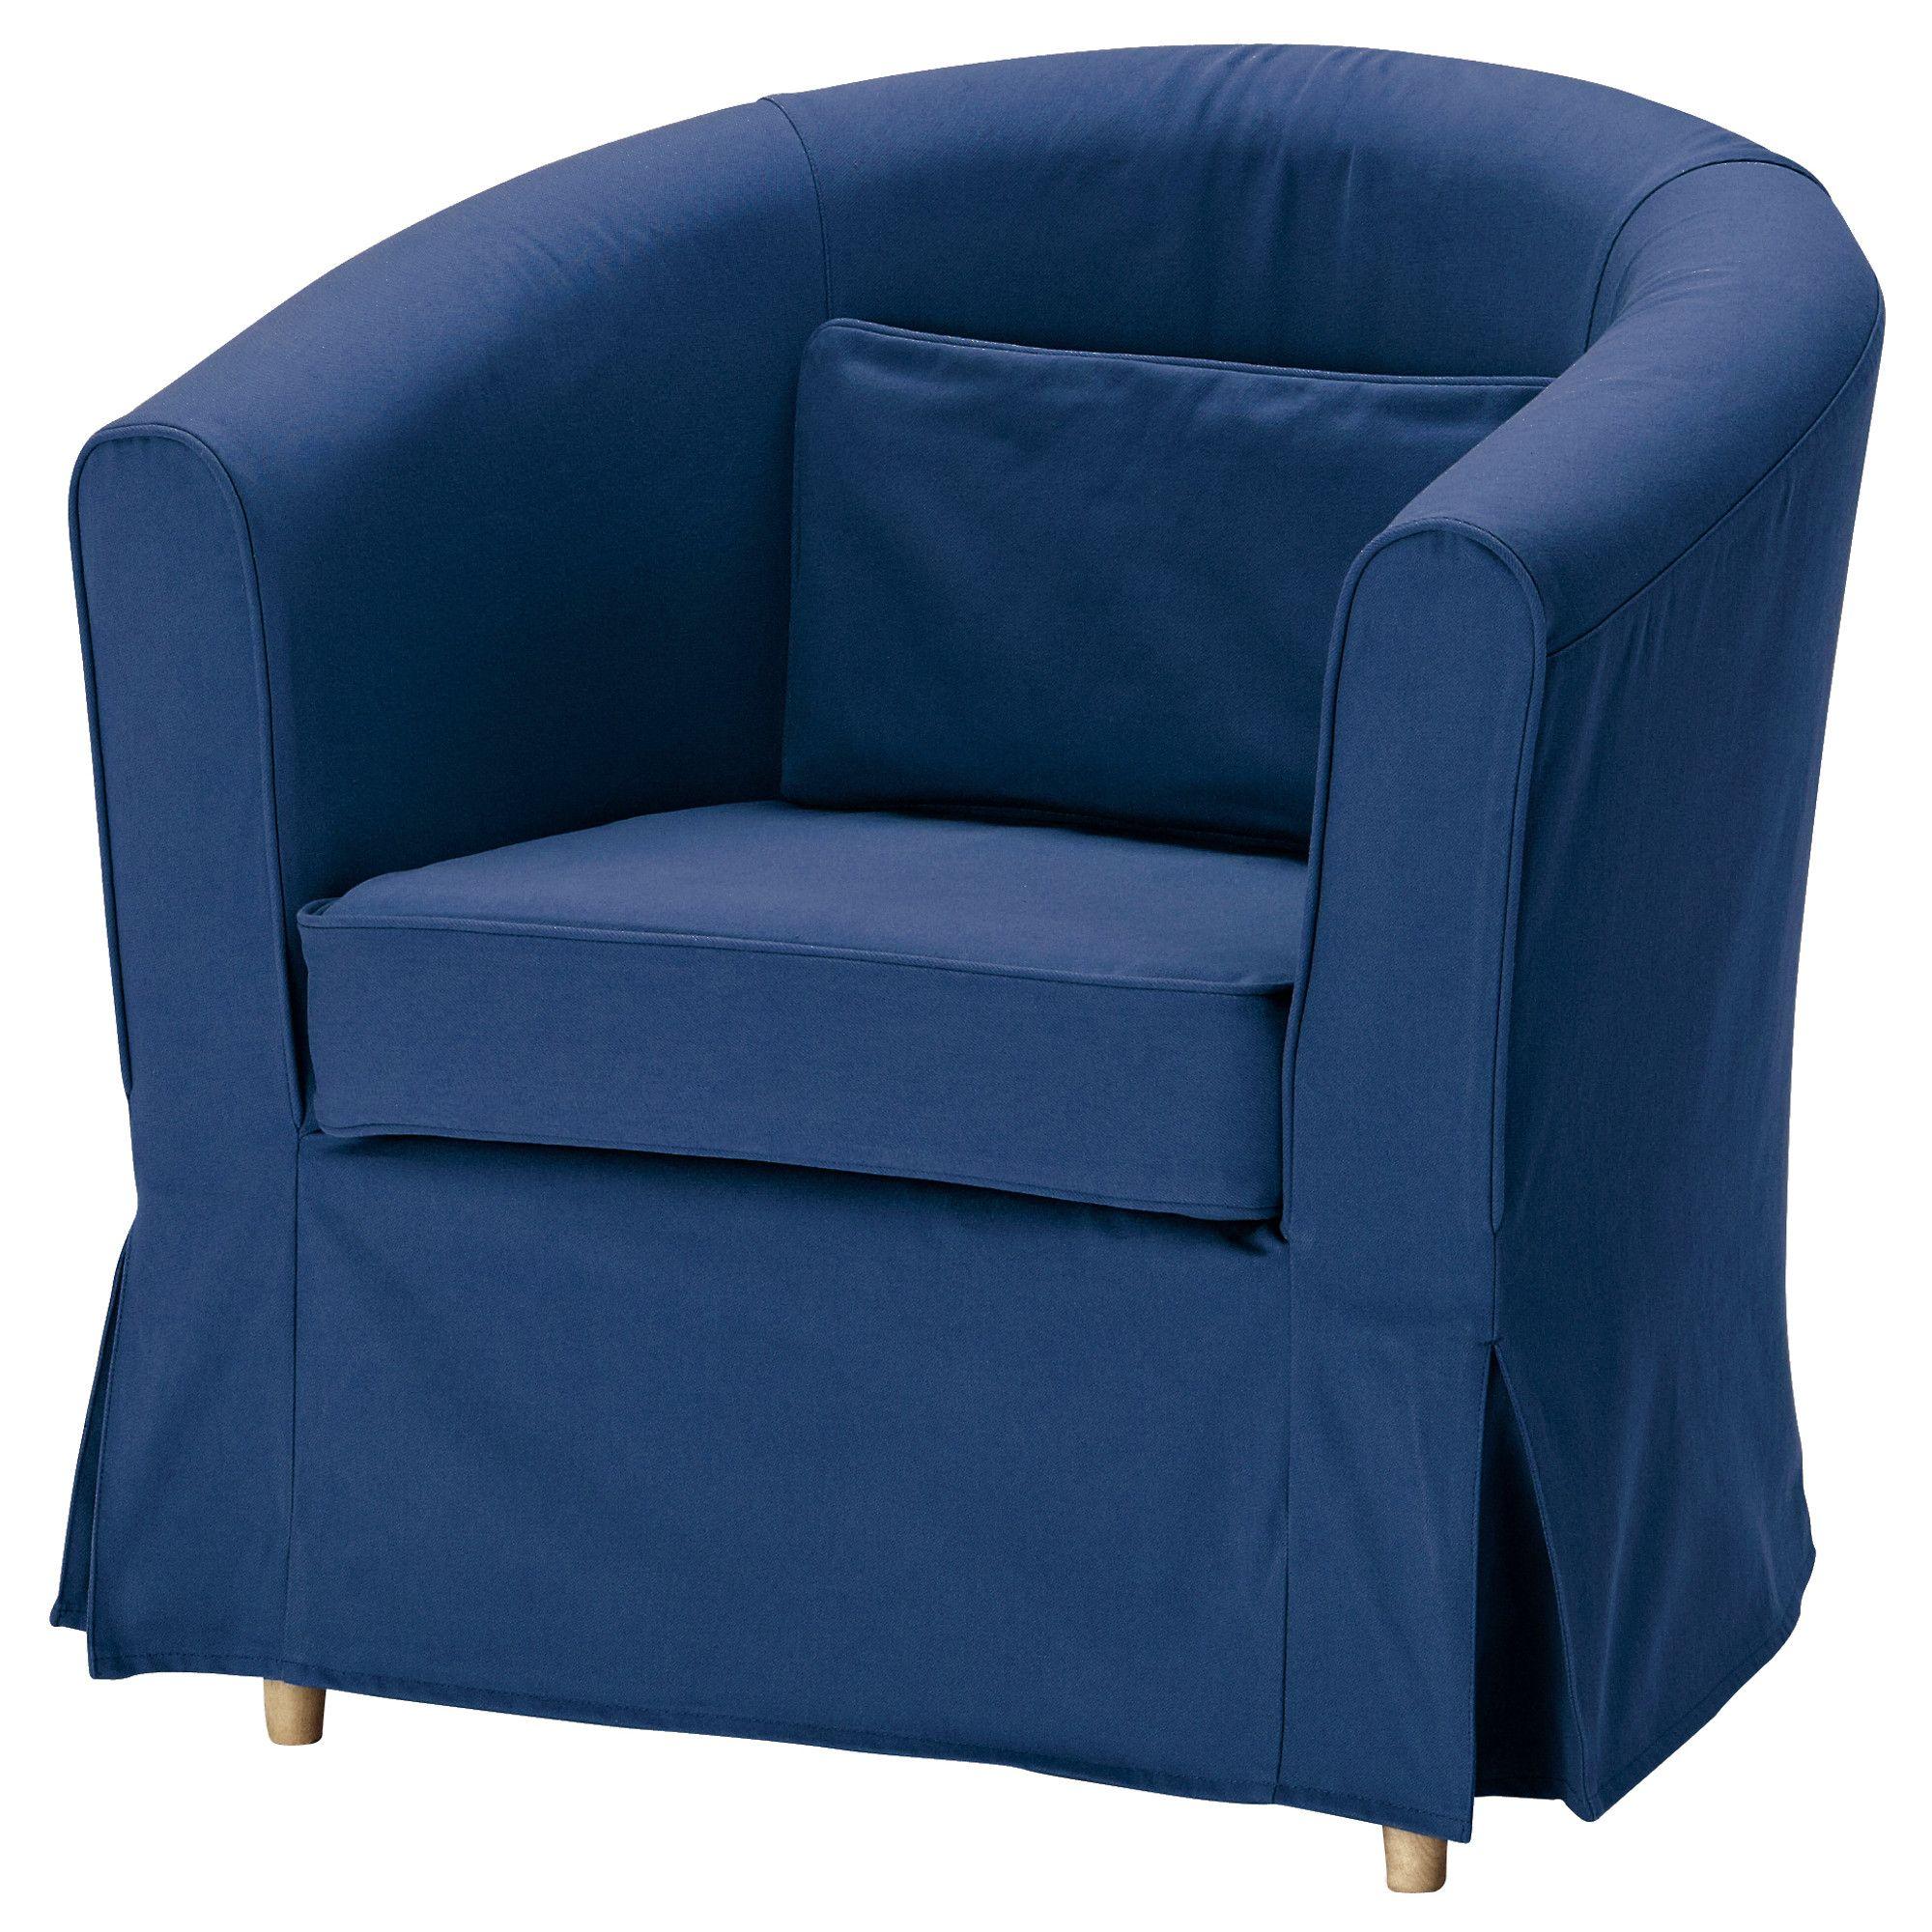 Ektorp Tullsta Hoes Fauteuil Idemo Blauw Ikea Winter